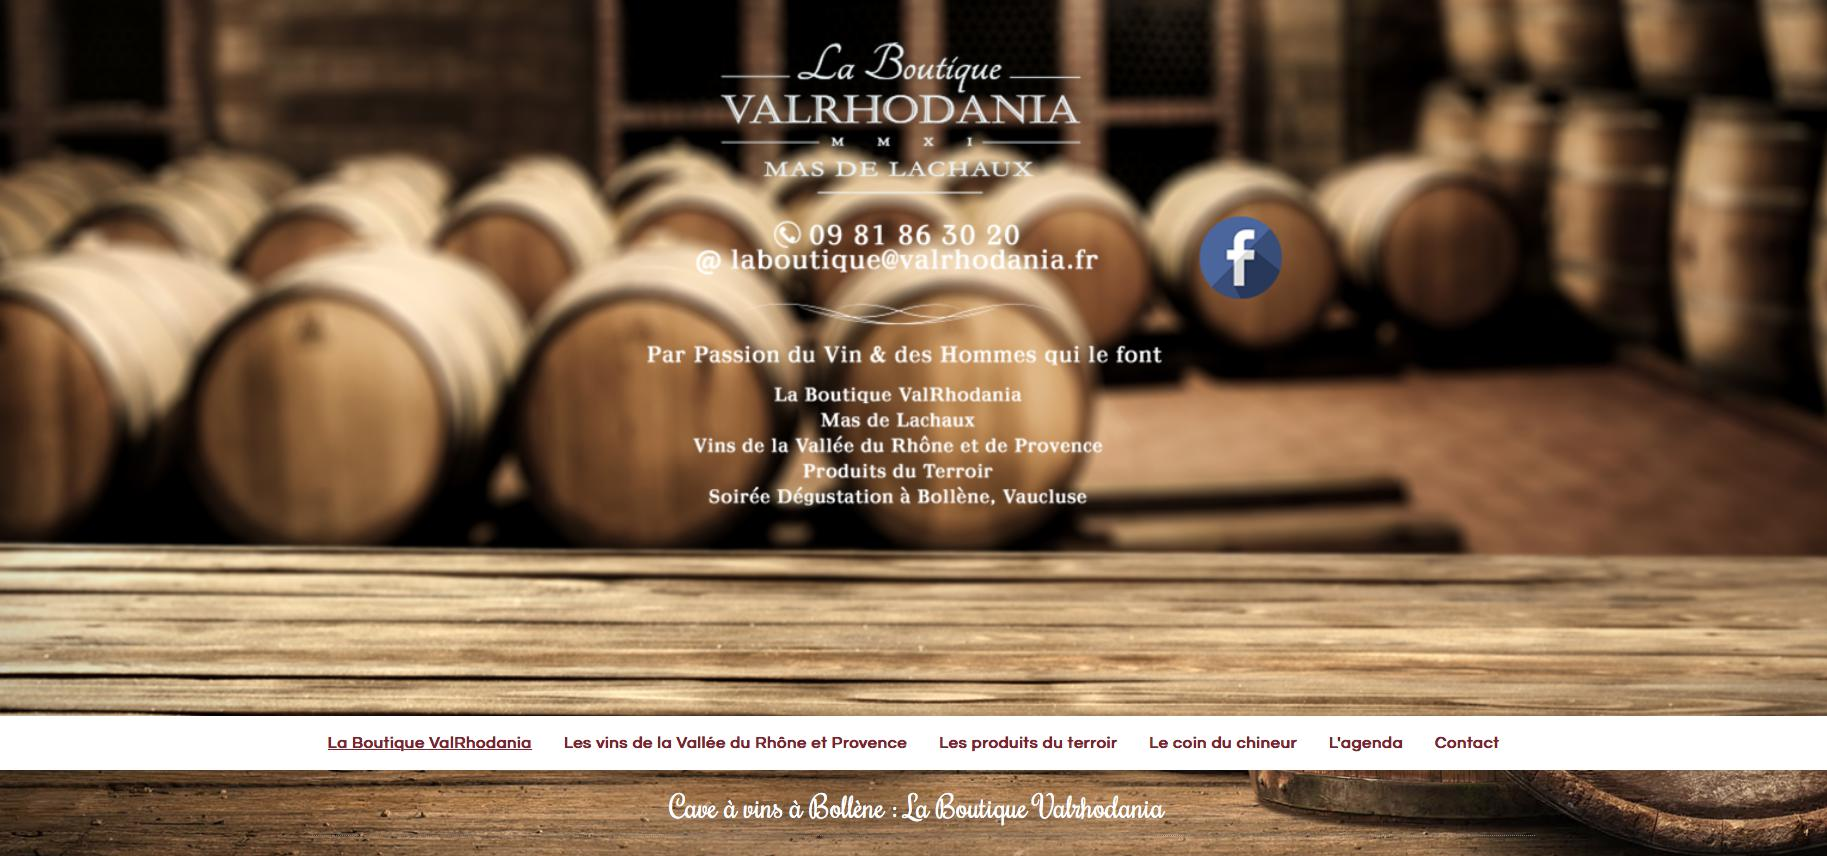 La-boutique-Valrhodania-avec-Taxi-Massilia